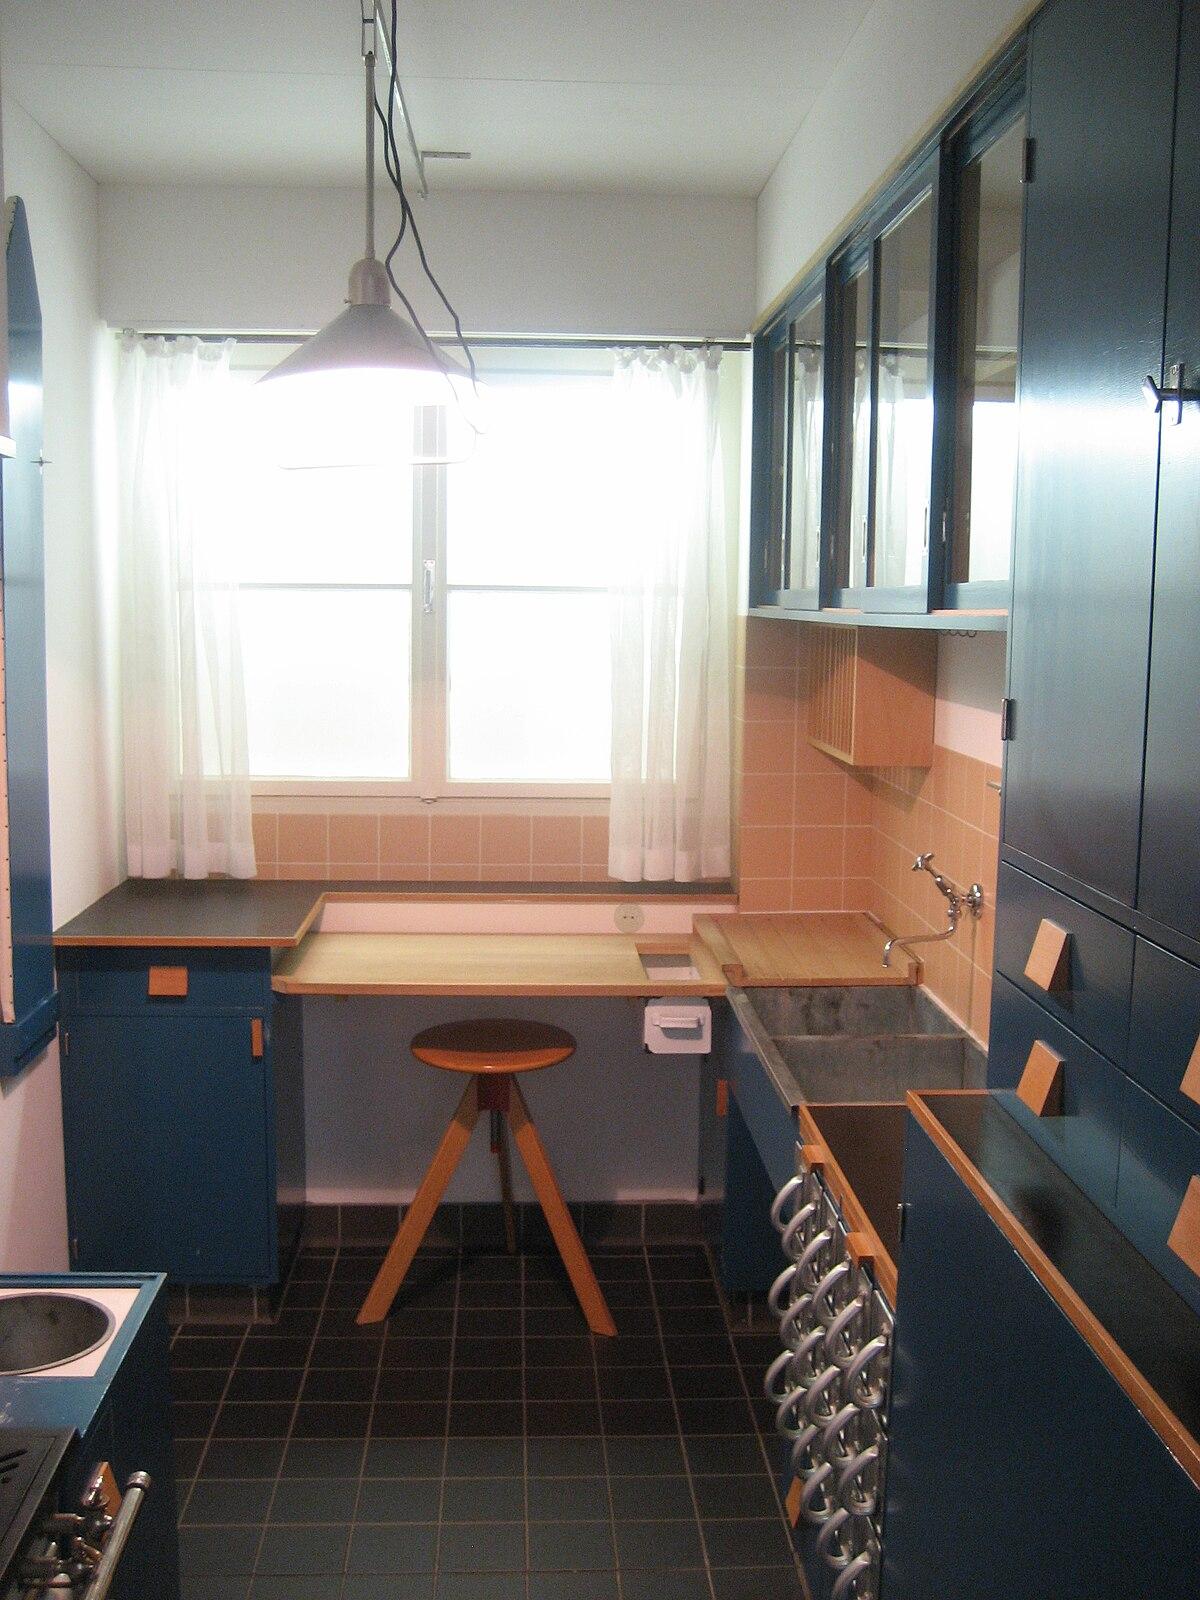 Einbauküche – Wikipedia | {Schwedische kücheneinrichtung 28}